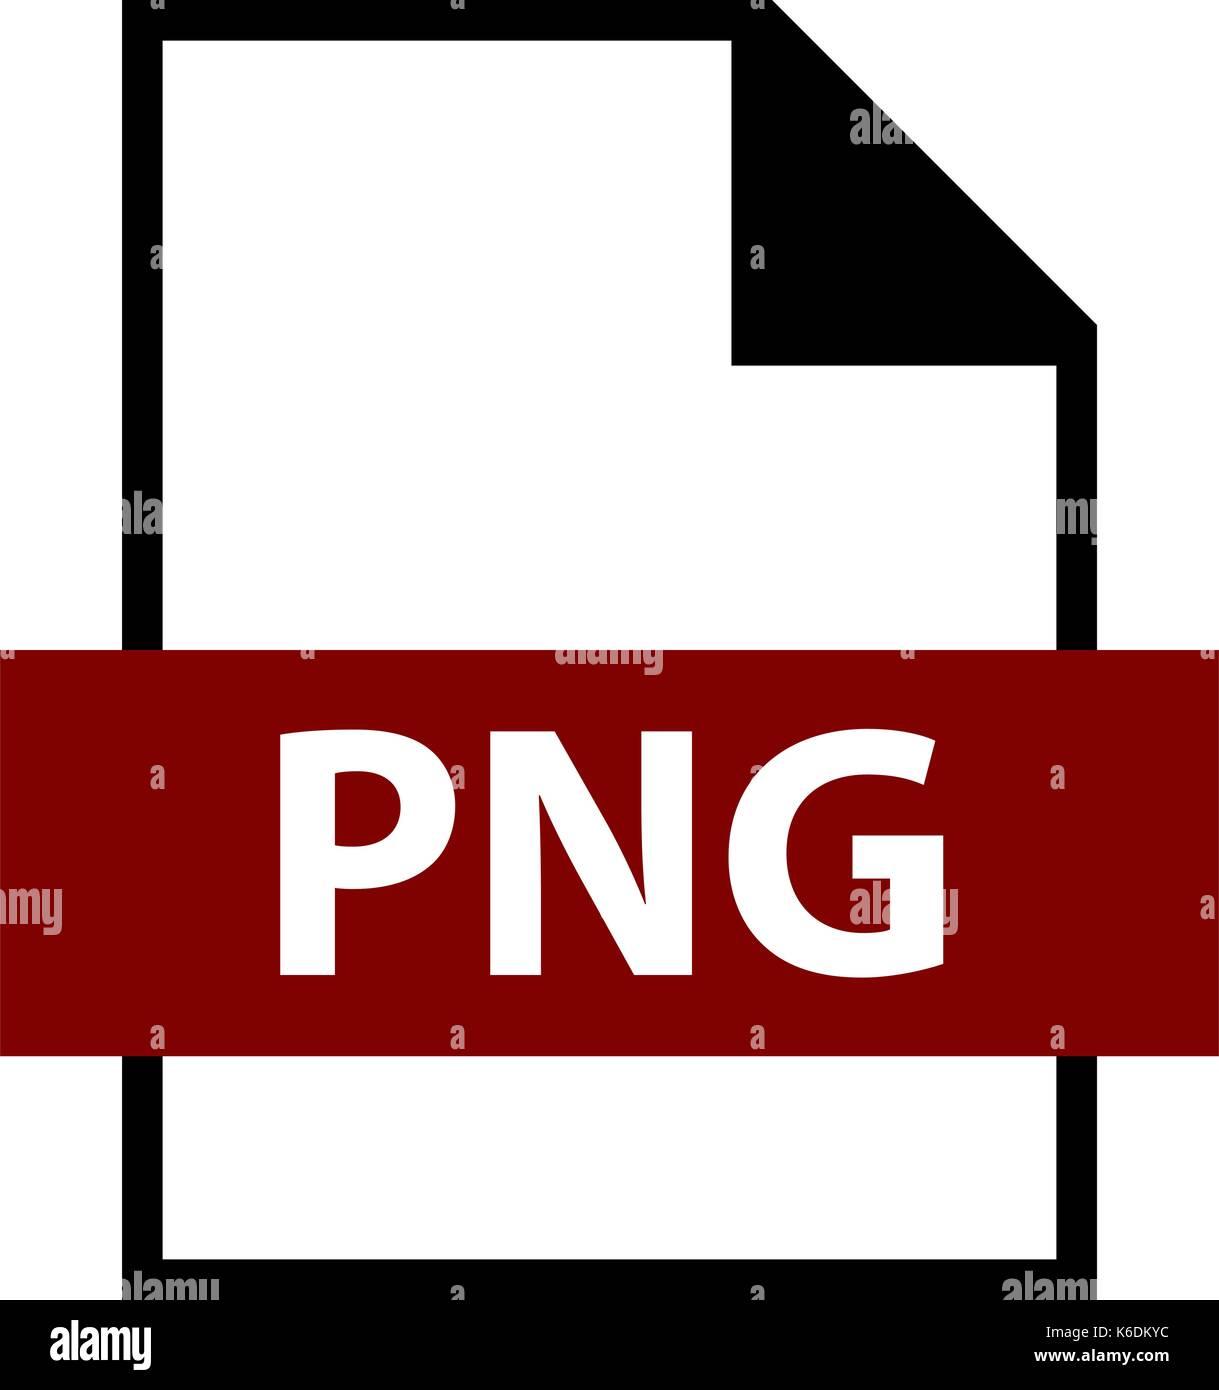 Png Vector Vectors Imágenes De Stock & Png Vector Vectors Fotos De ...